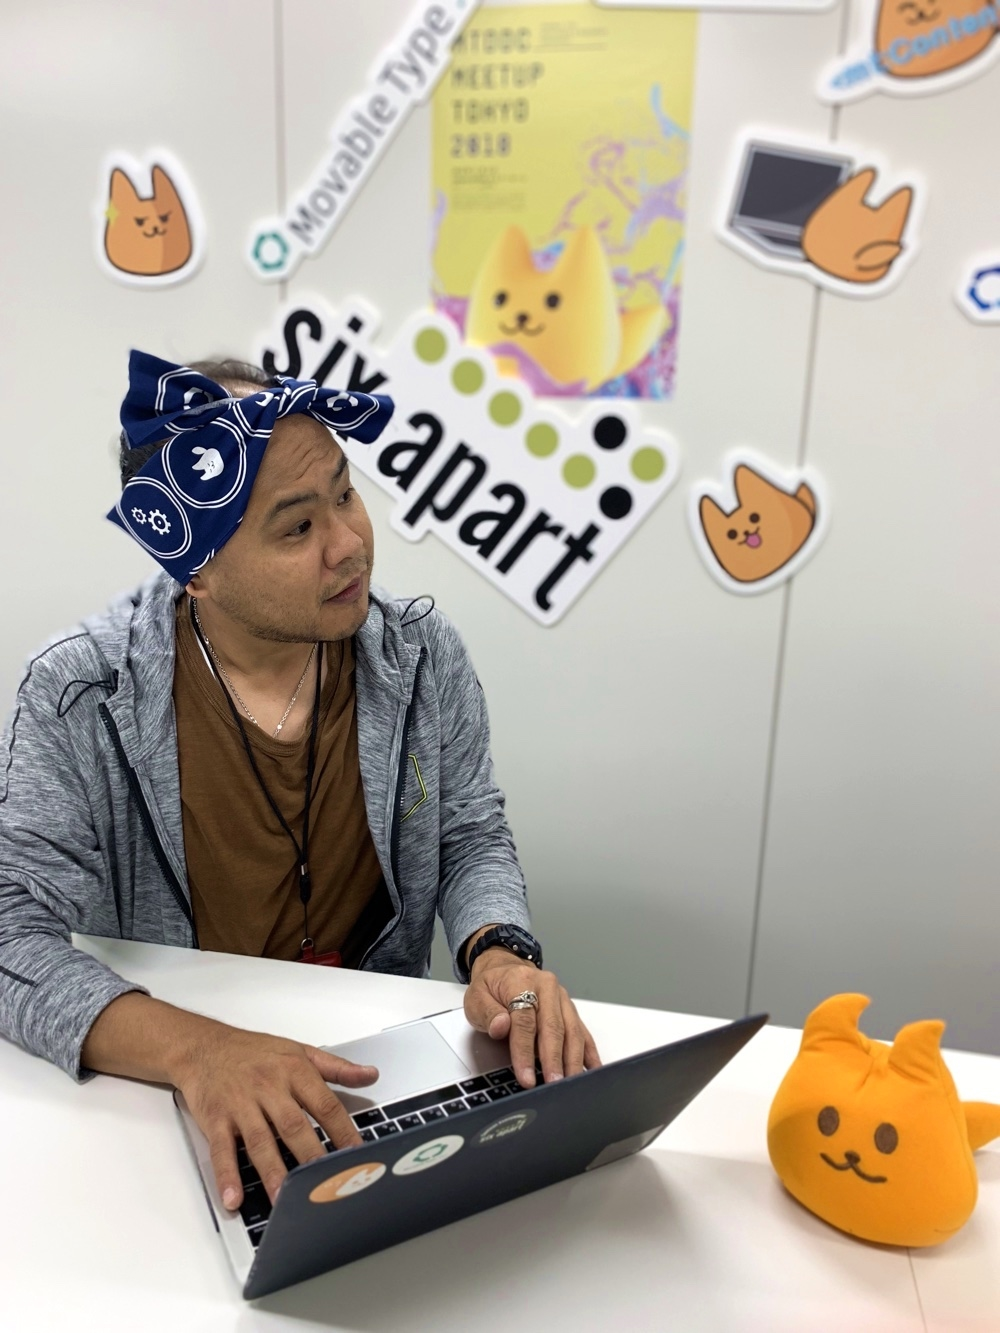 takayama_coding.jpg